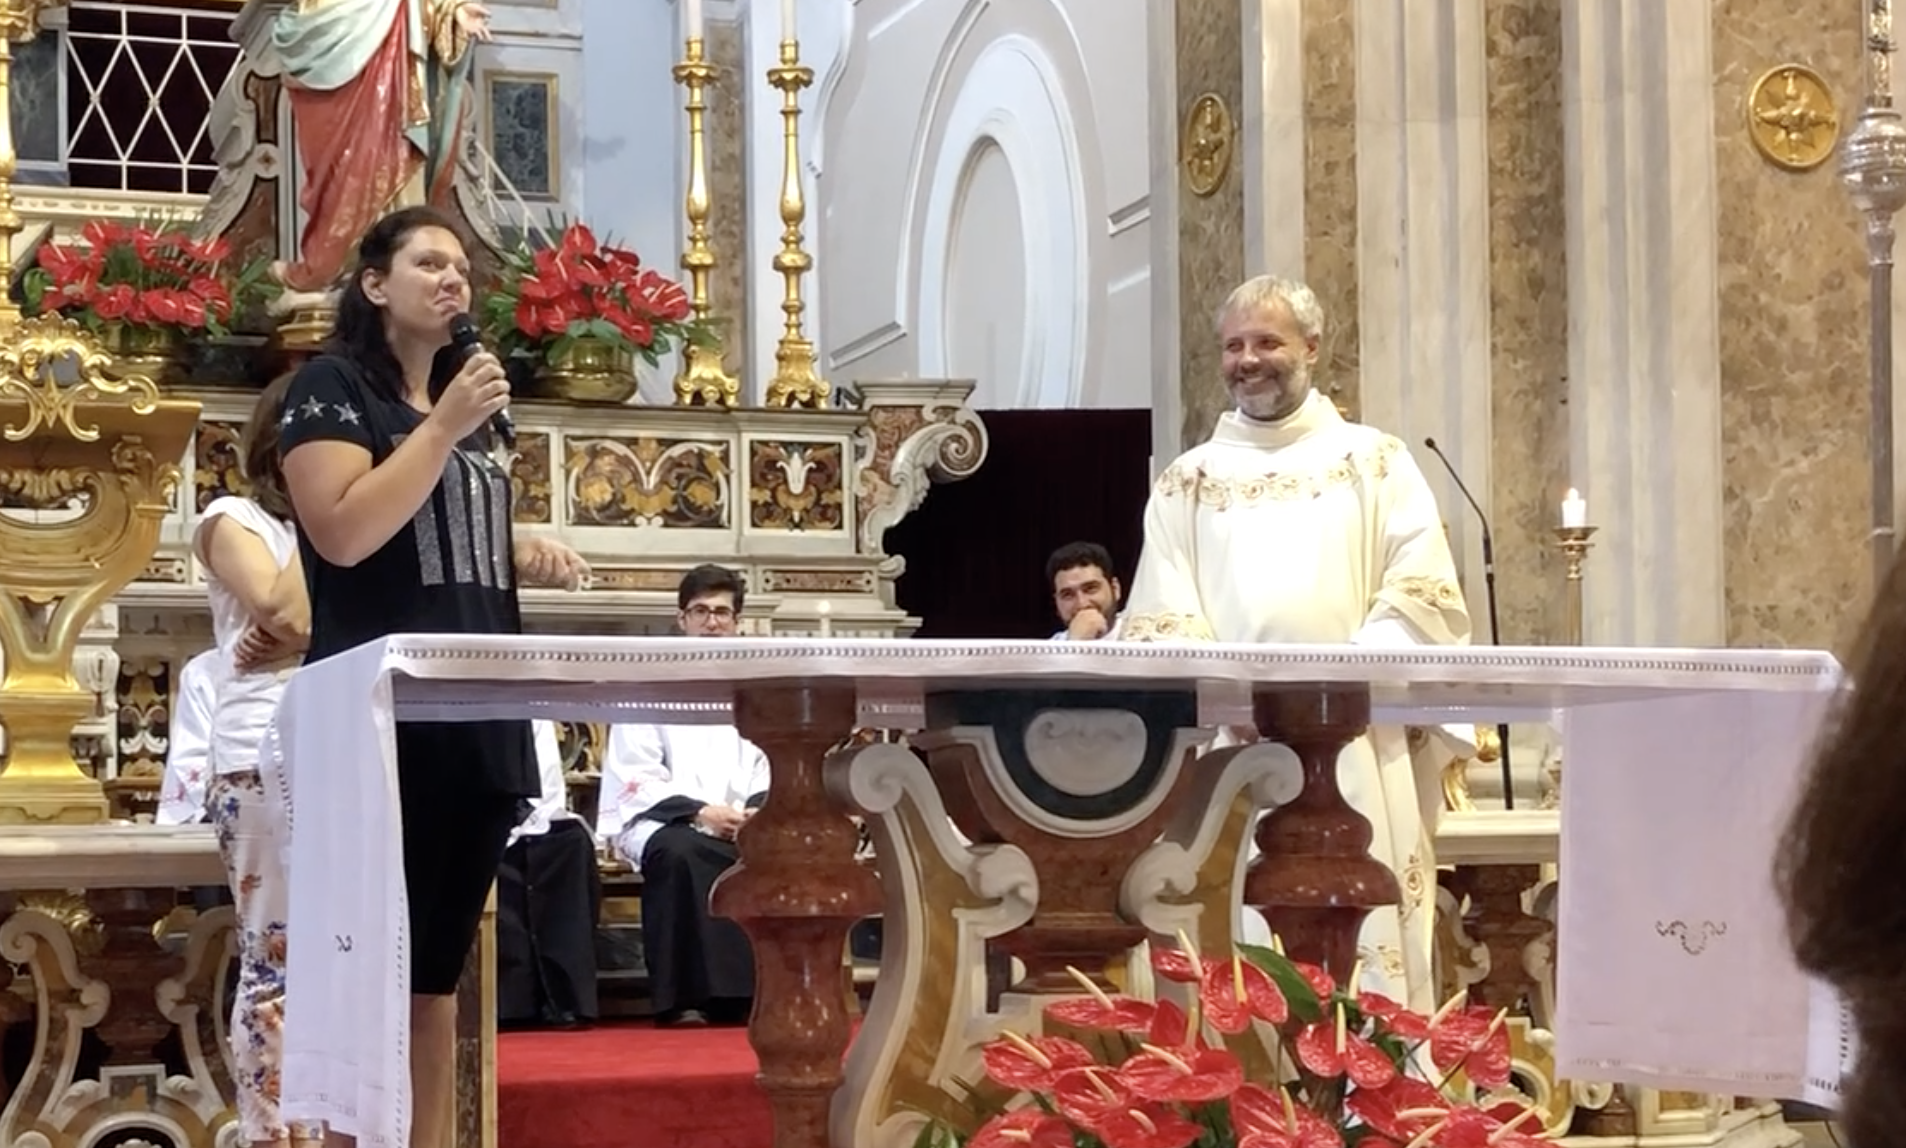 Ilaria e Don Rito durante una testimonianza in Chiesa